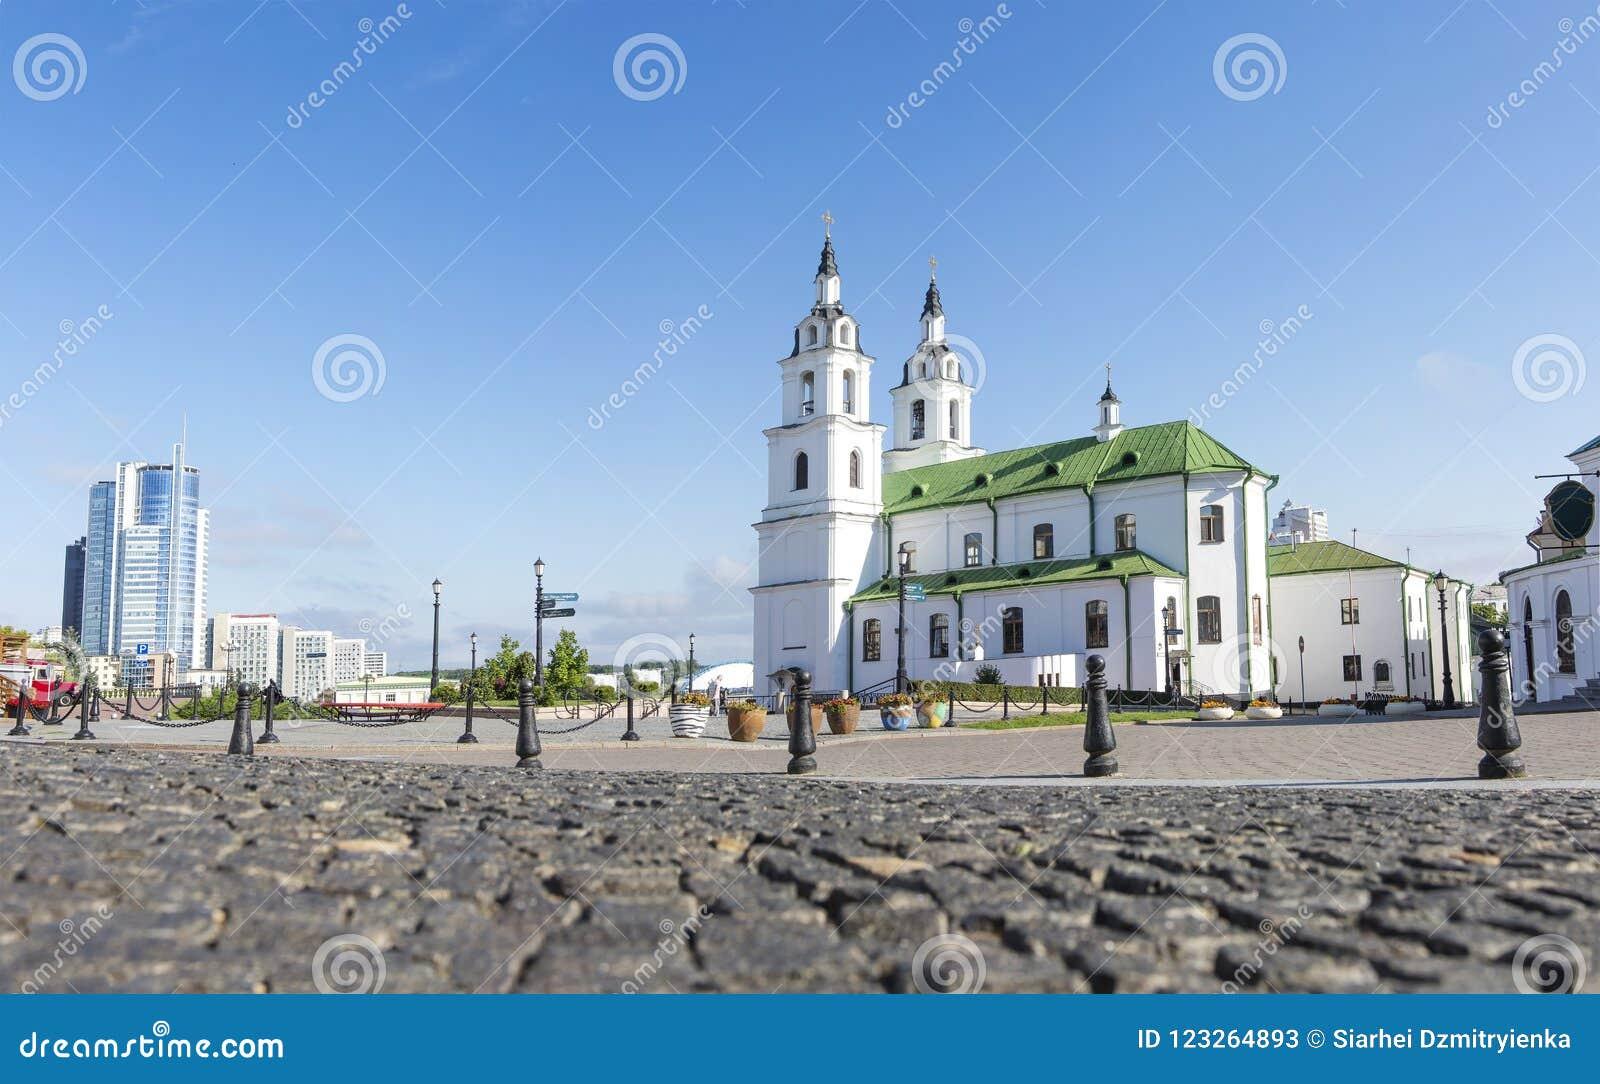 Marco famoso de Minsk Catedral do Espírito Santo em Minsk Igreja ortodoxa de Bielorrússia e símbolo do capital